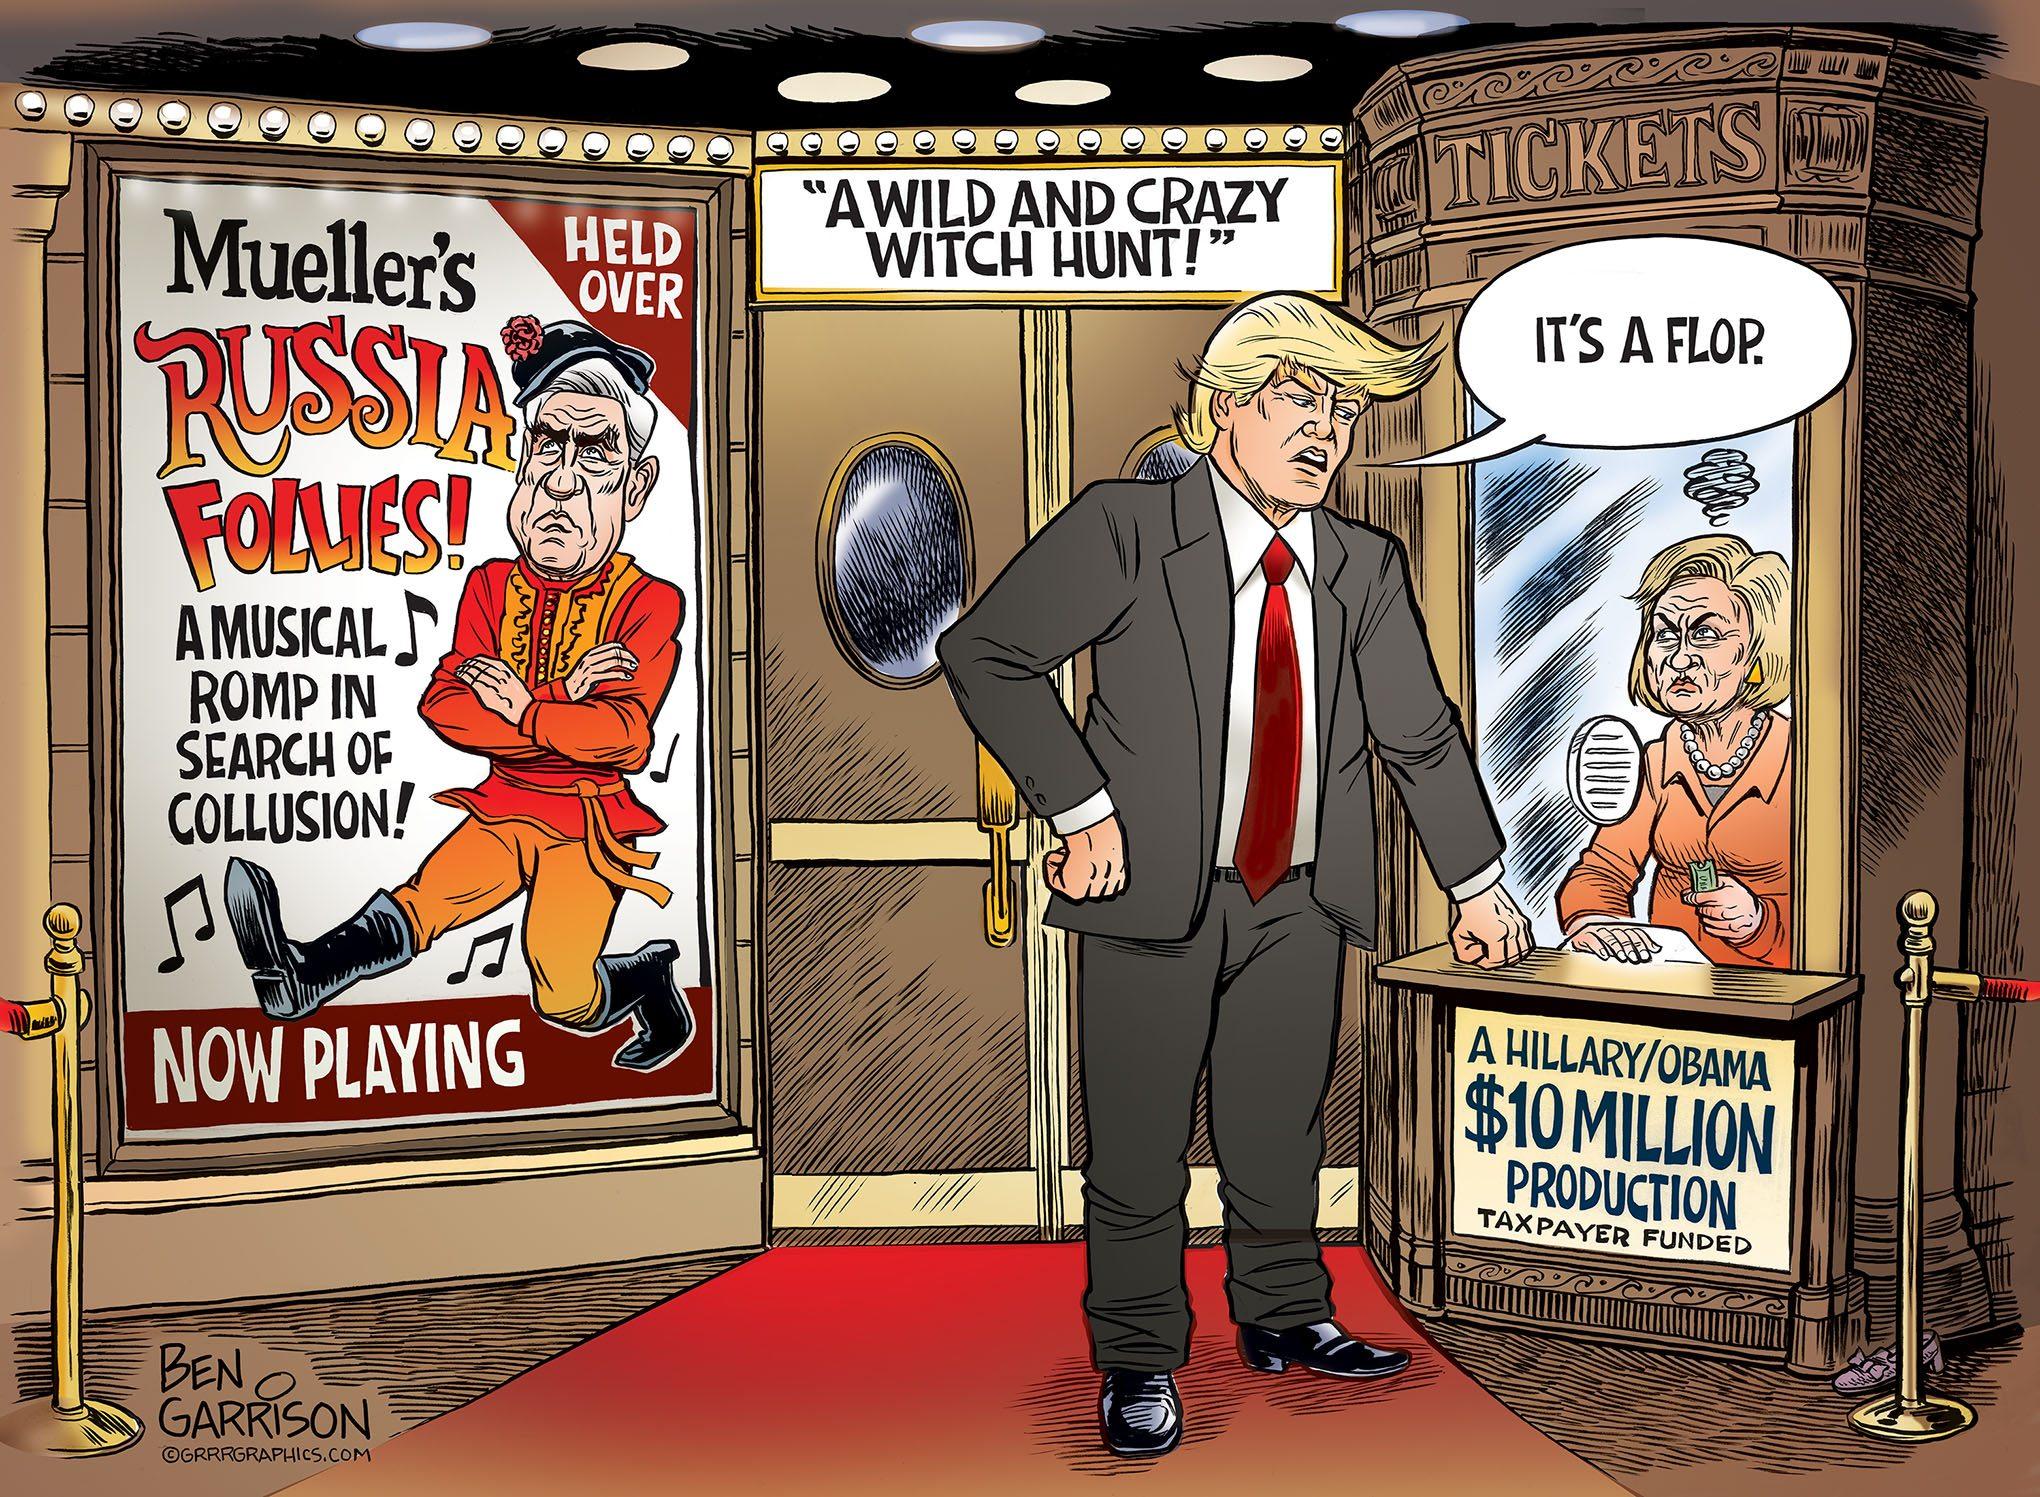 russia_follies_mueller_trump_hillary.jpg